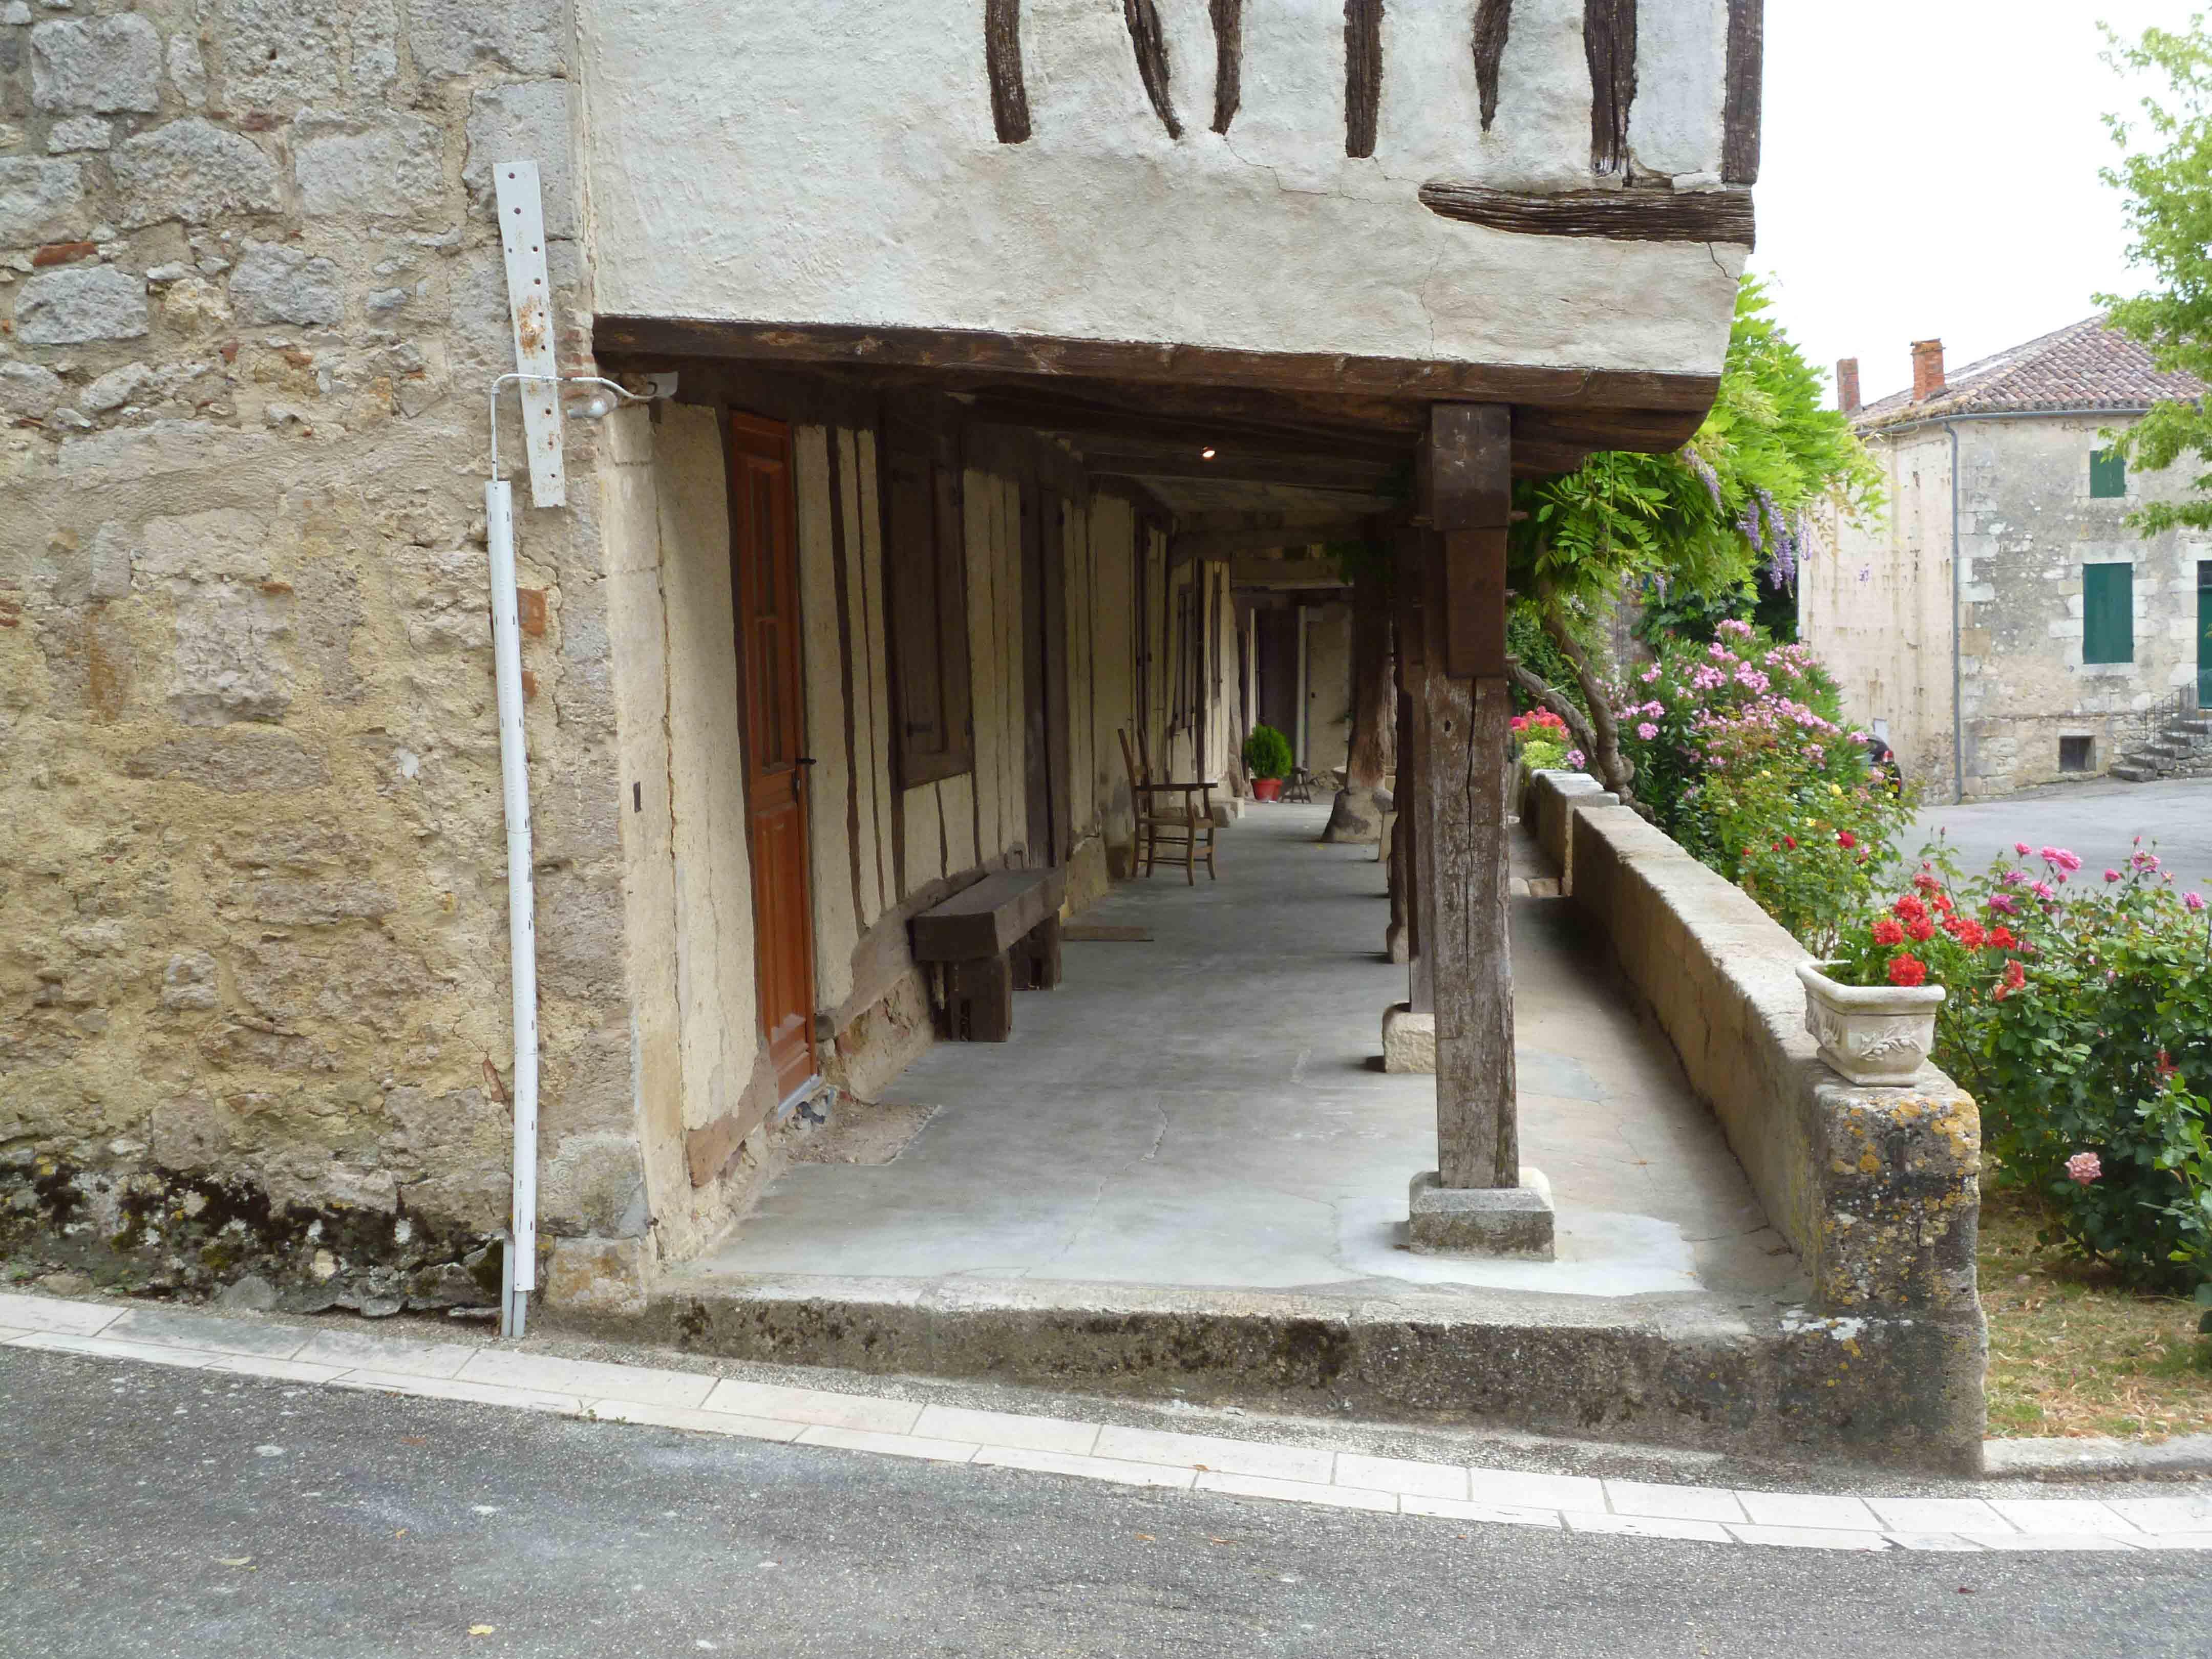 Village médiéval fortifié - Page 12 CeaQsL